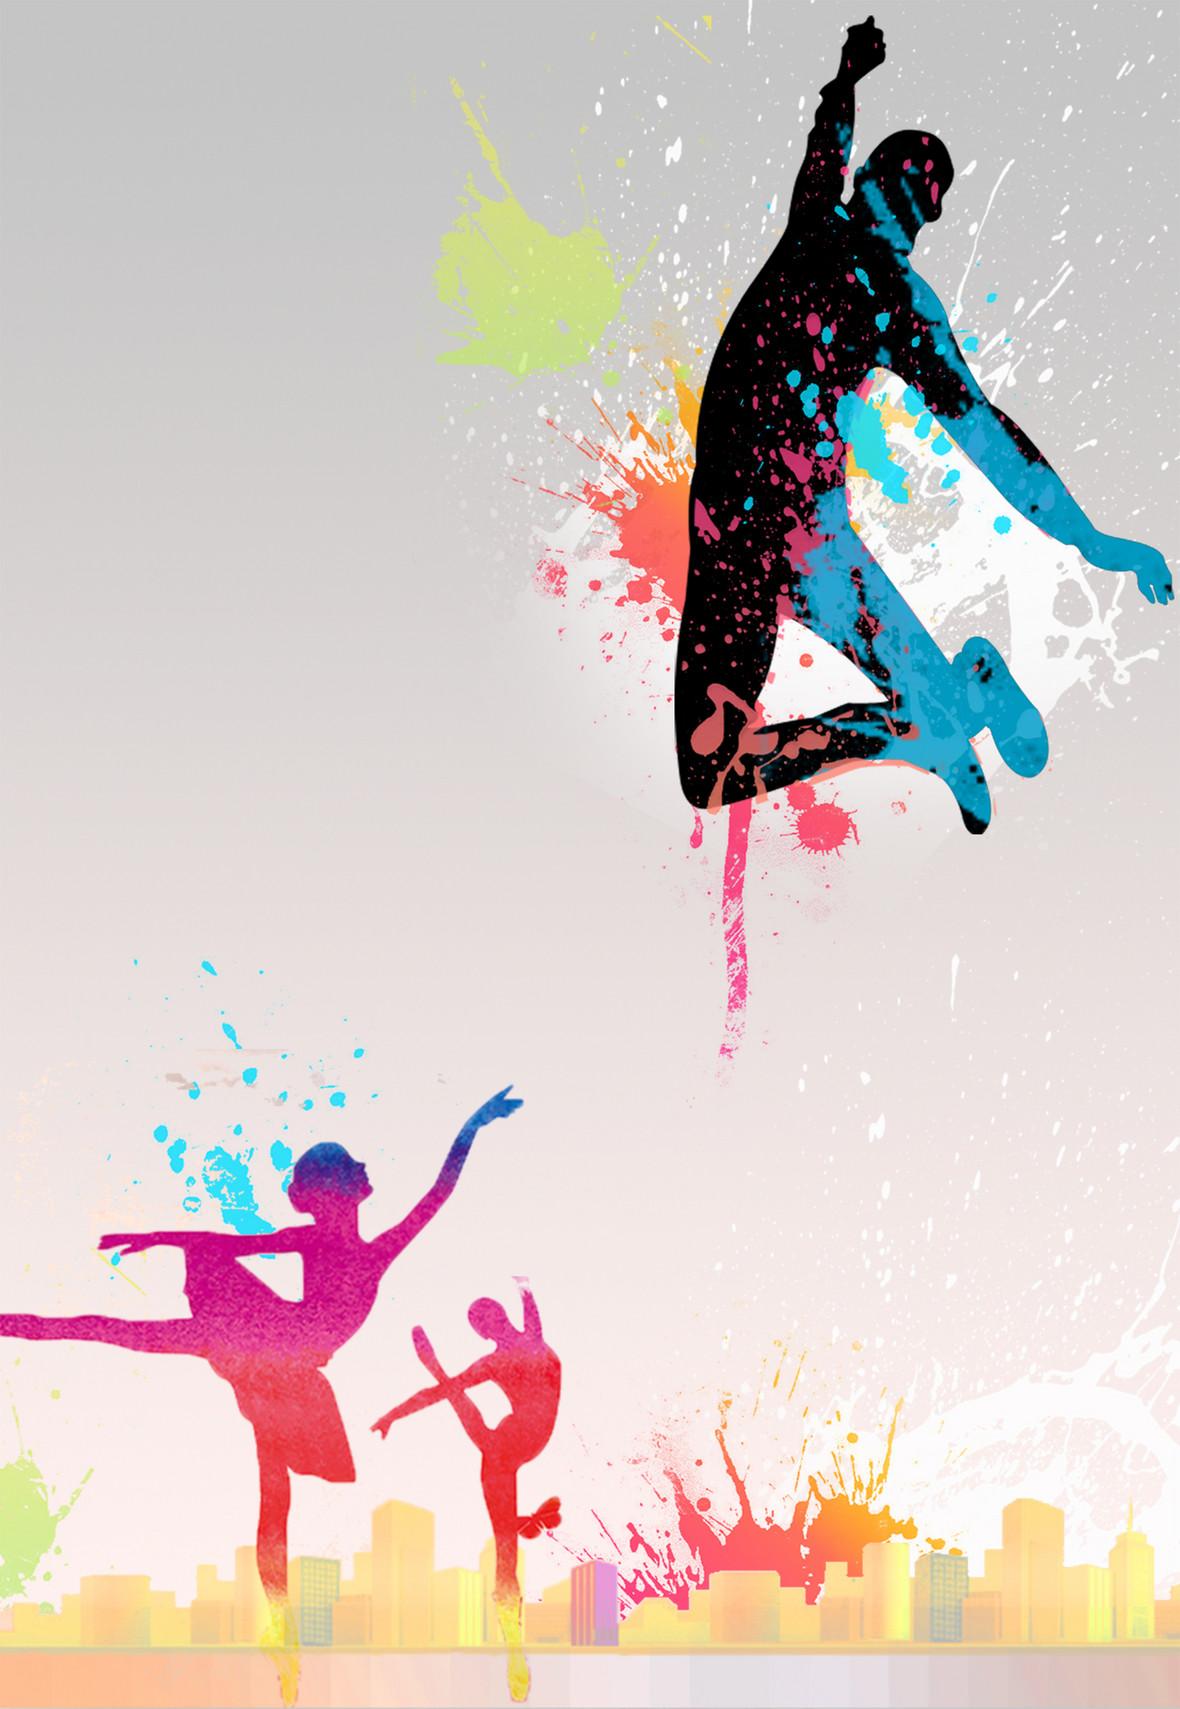 少儿舞蹈培训招生海报psd素材背景图片下载_1920x845